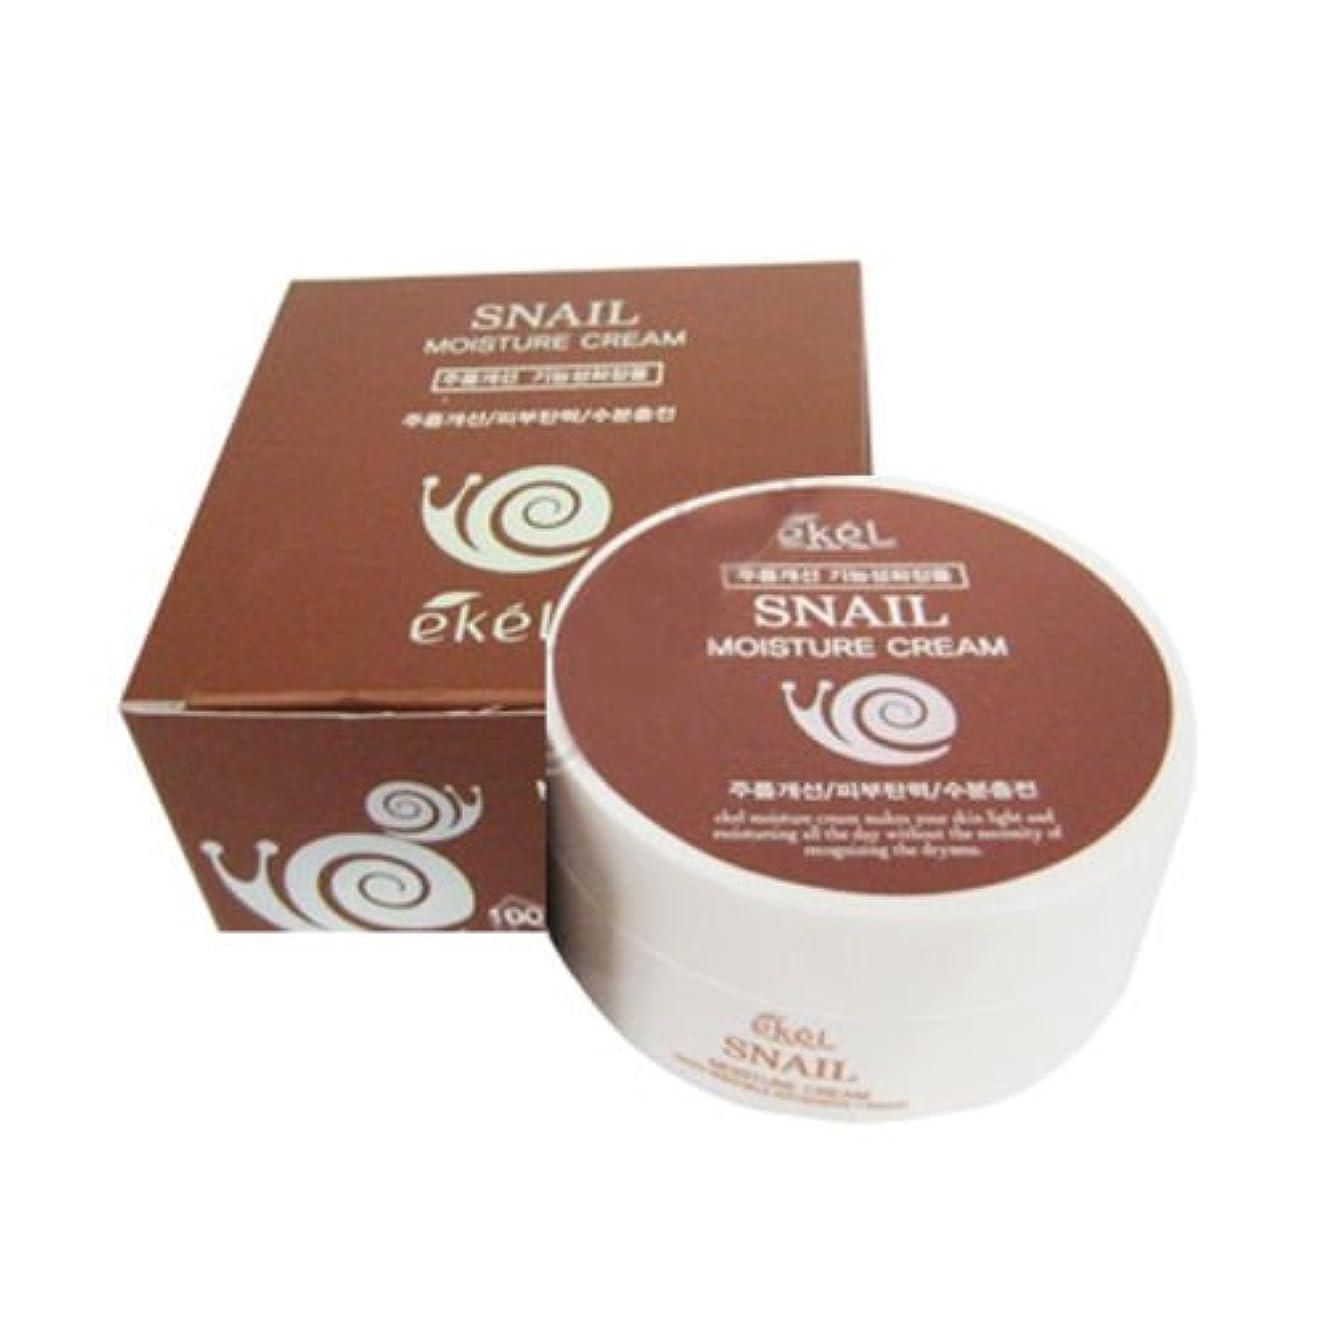 立場改修緊張するイケル[韓国コスメEkel]Snail Moisture Cream カタツムリモイスチャークリーム100g [並行輸入品]